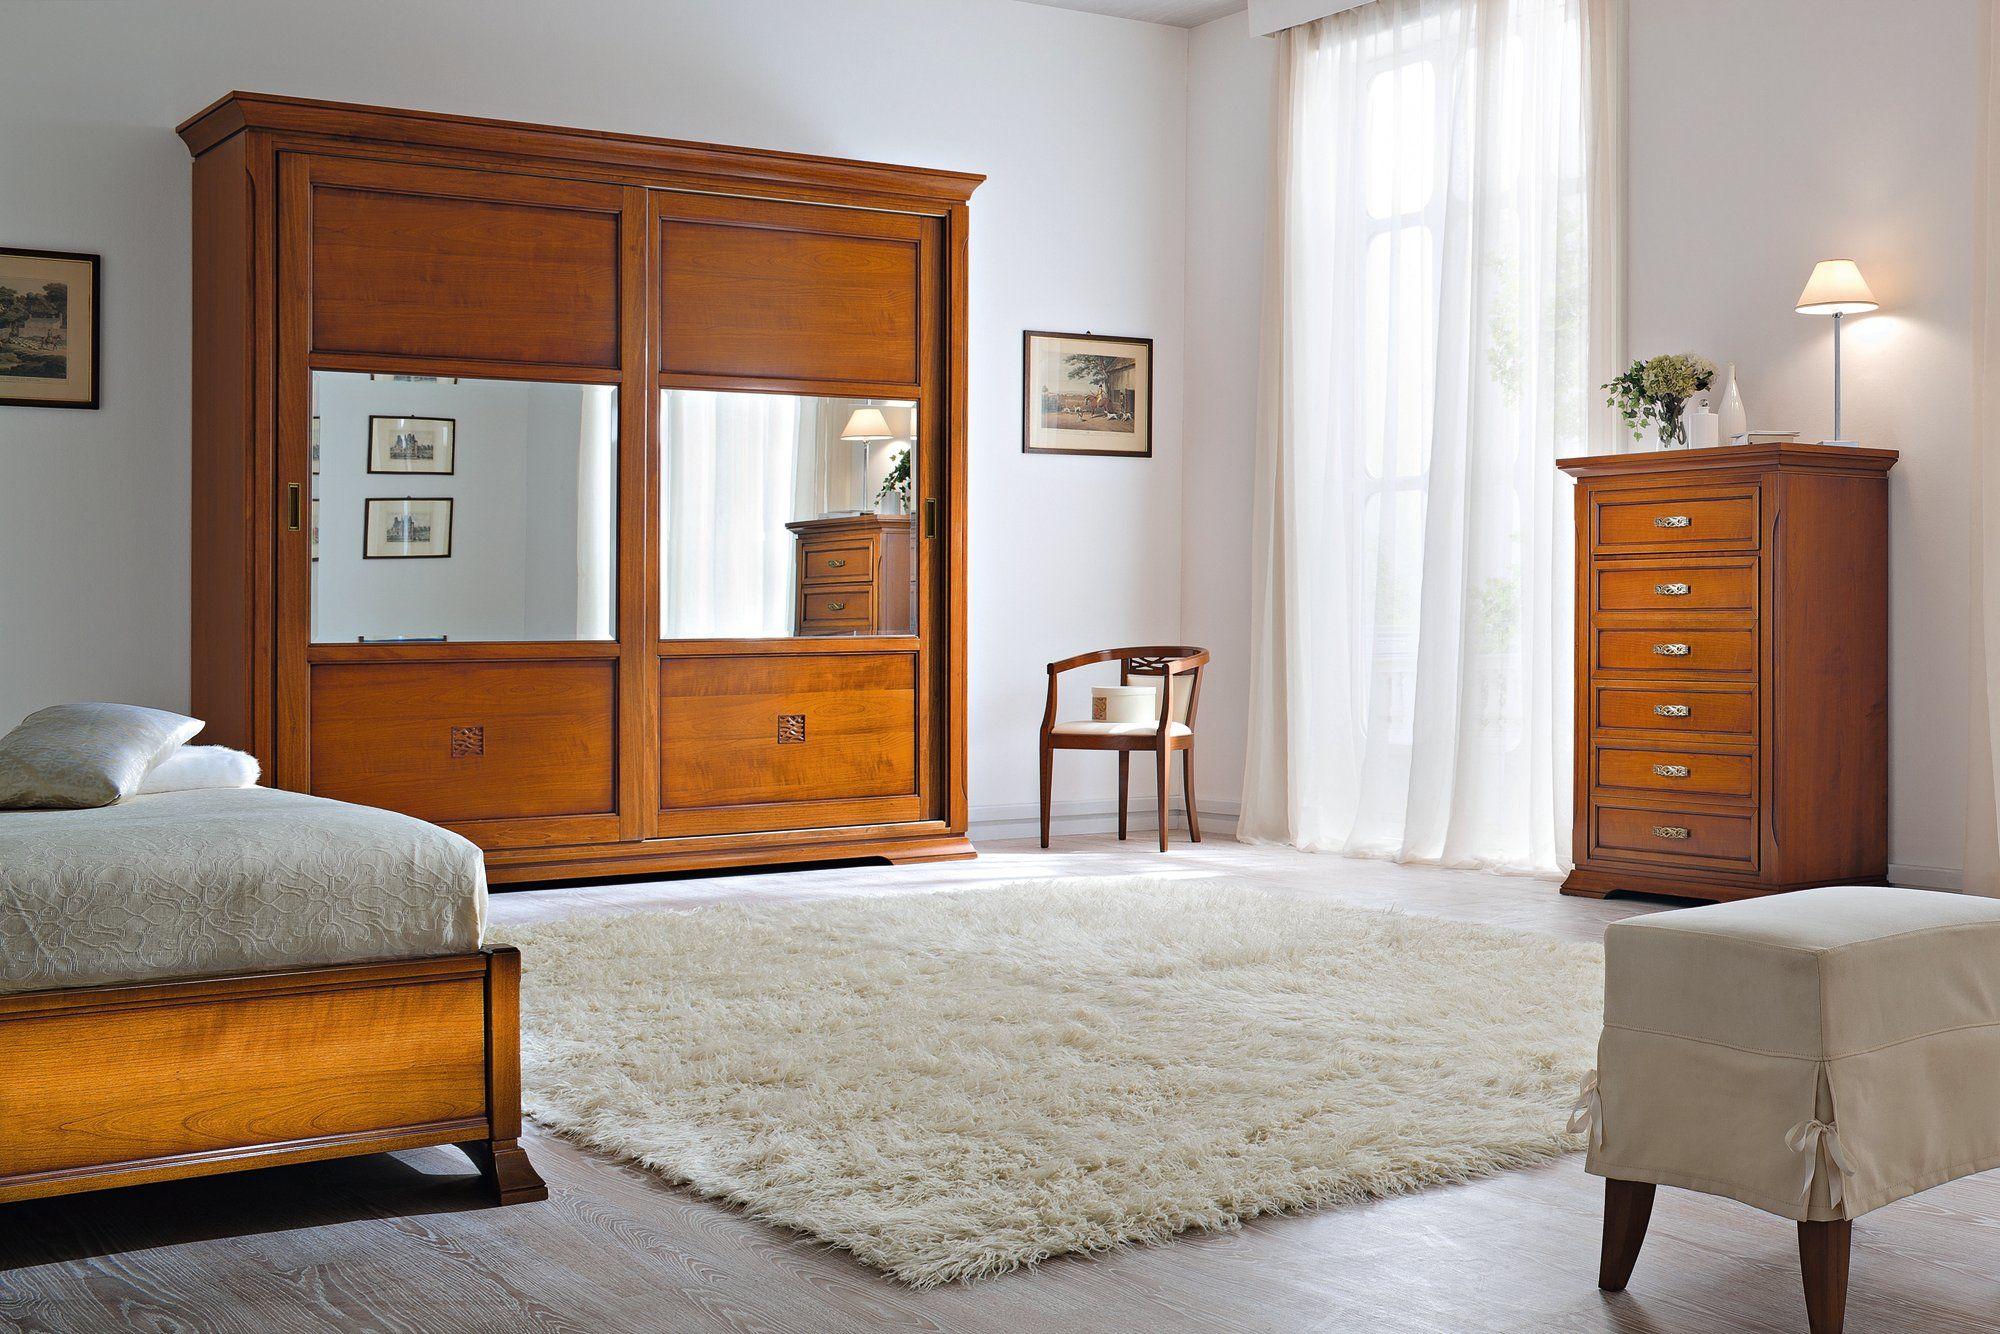 Bohemia armadio con specchio by dall'agnese design gianni meneghin